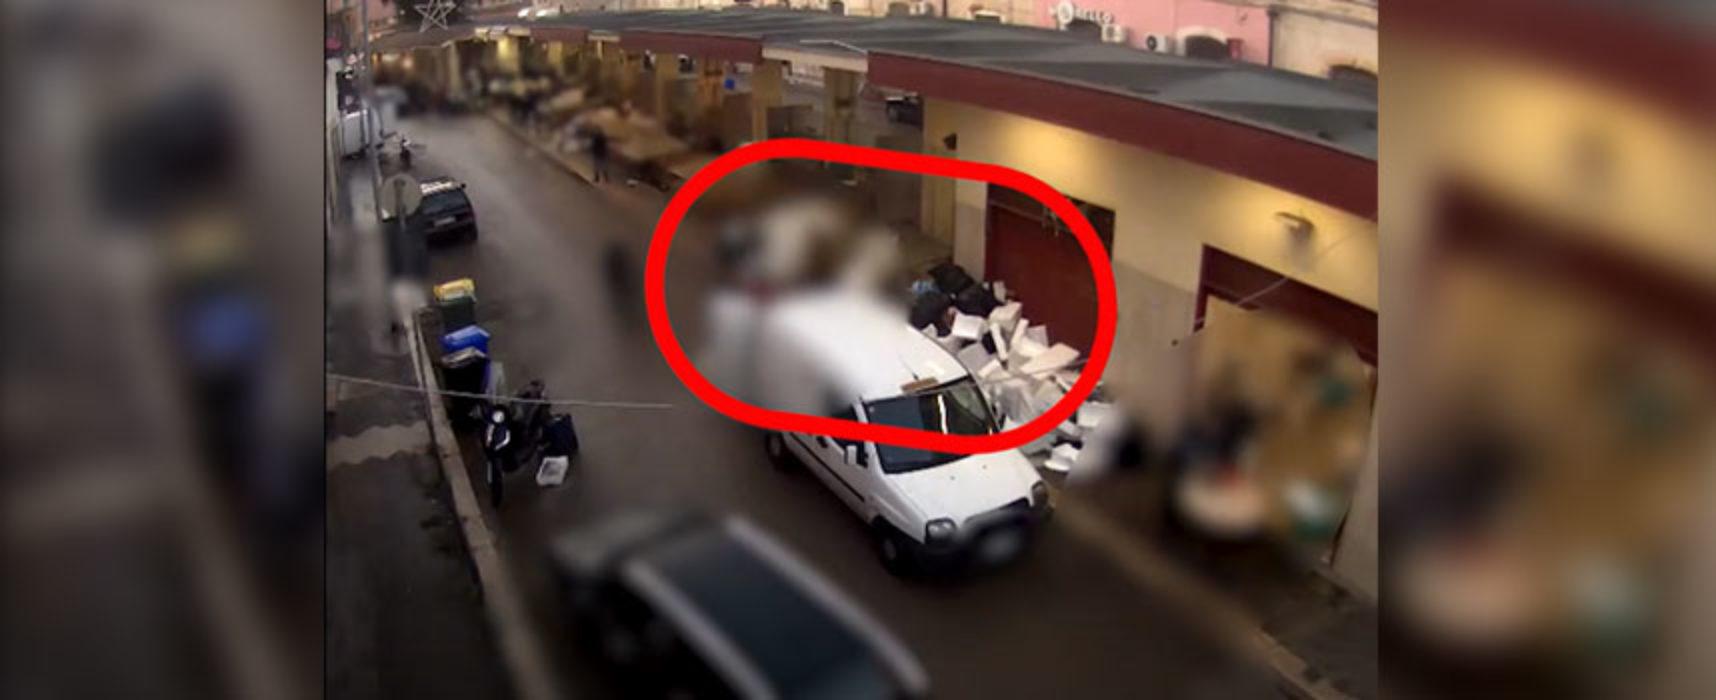 """Abbandonano rifiuti alla piazza del pesce, multati. Angarano: """"Continueremo con tolleranza zero"""" / VIDEO"""